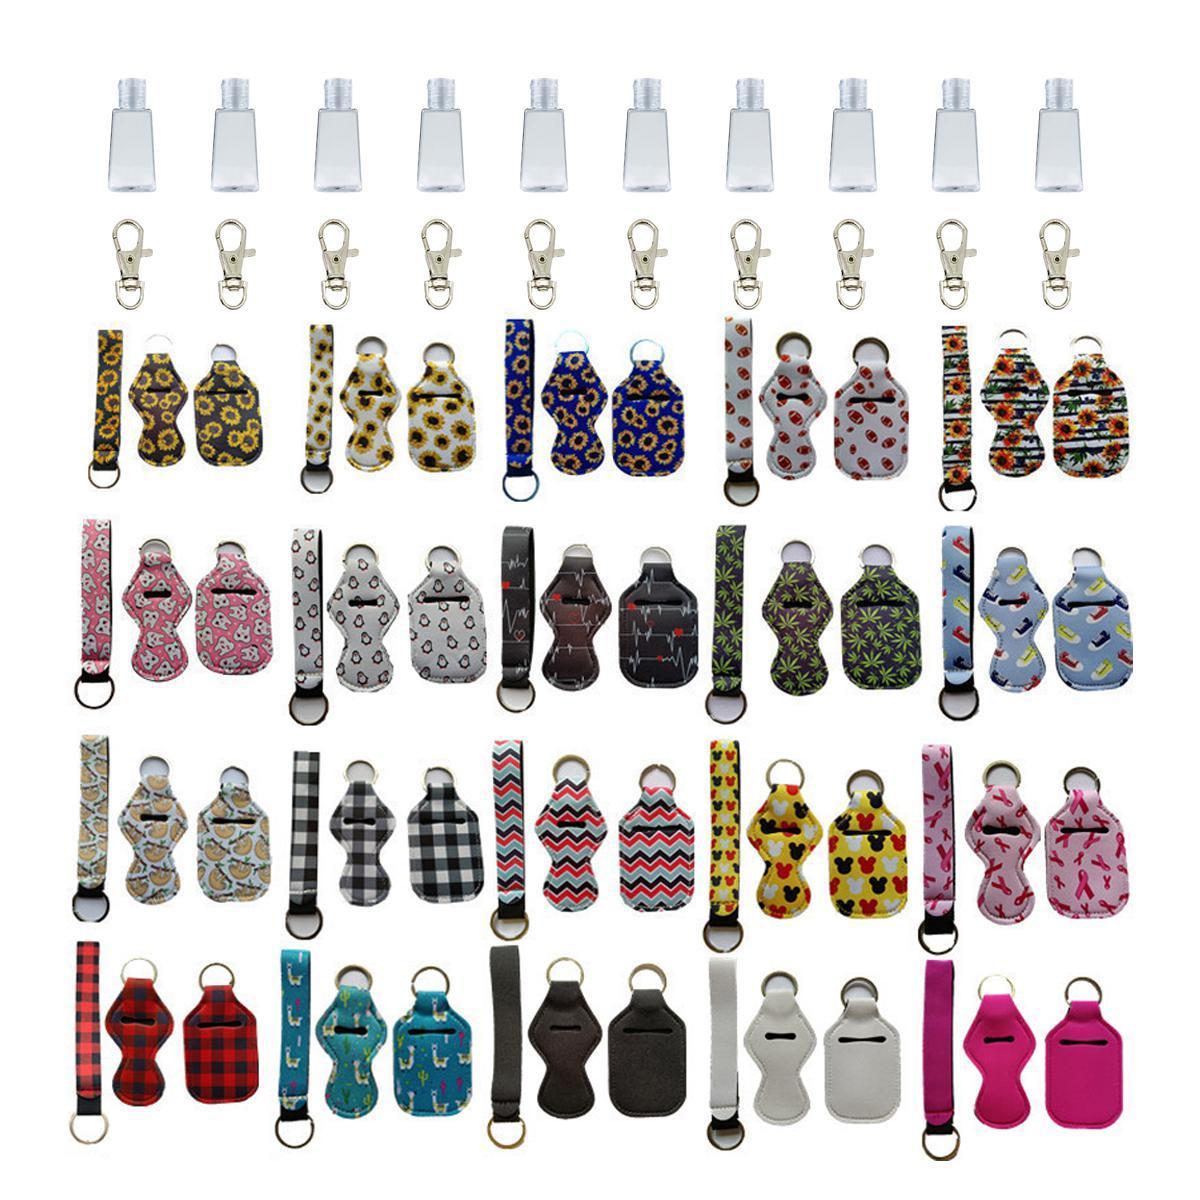 Sanitizer de mão e chaveiros chaveiros, incluindo garrafa de 30ml, cordão de pulseira, clip 83 cores DHF6700